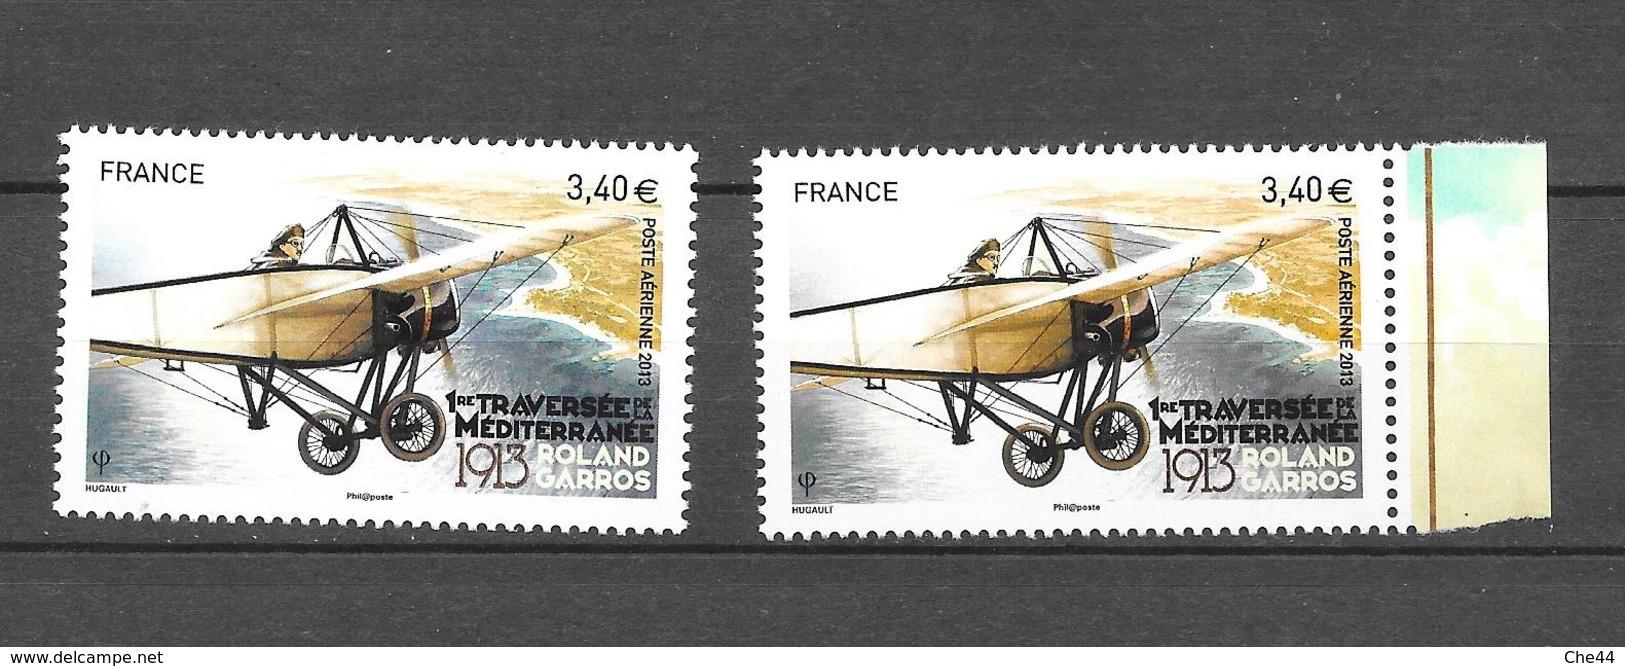 Roland Garros : 1ère Traversée De La Méditerranée. Planche Et Bloc. N°77 Chez YT. (Voir Commentaires) - 1960-.... Neufs